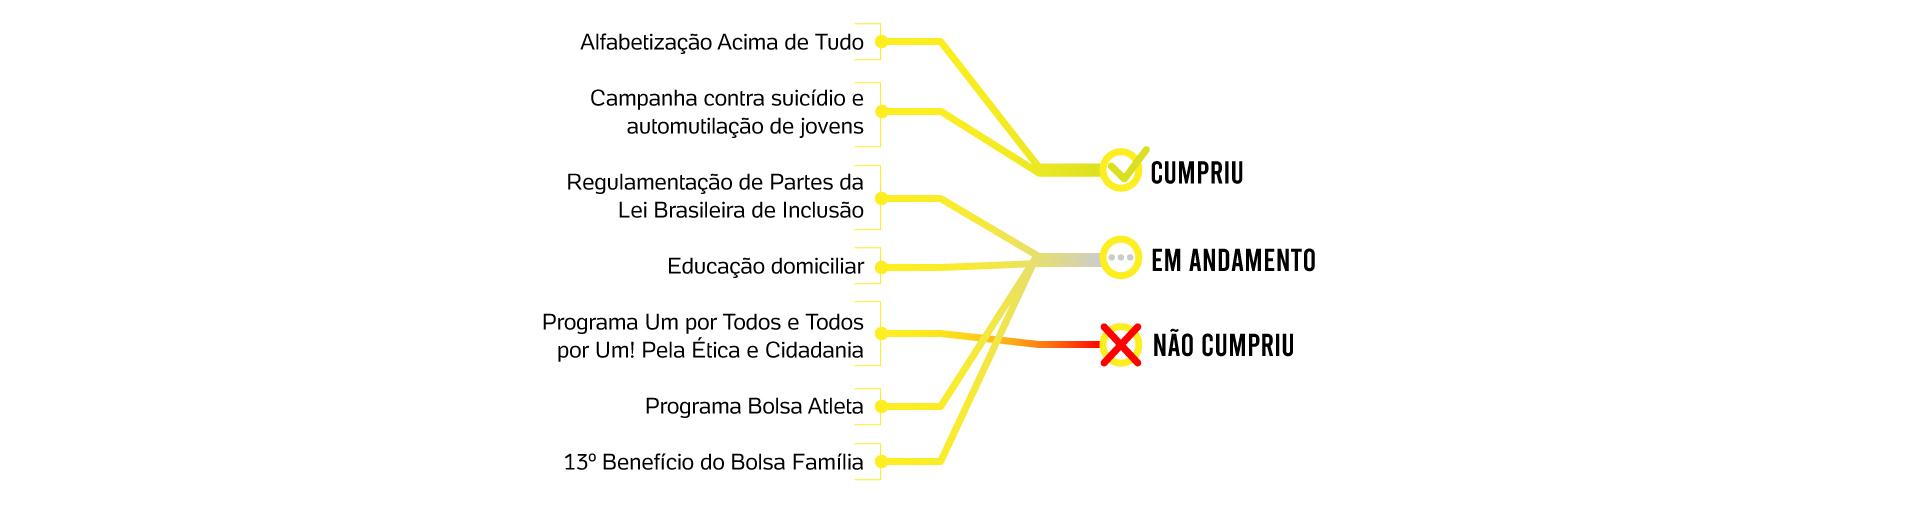 educacao-direitoshumanos-web1 100 dias de governo de Jair Bolsonaro